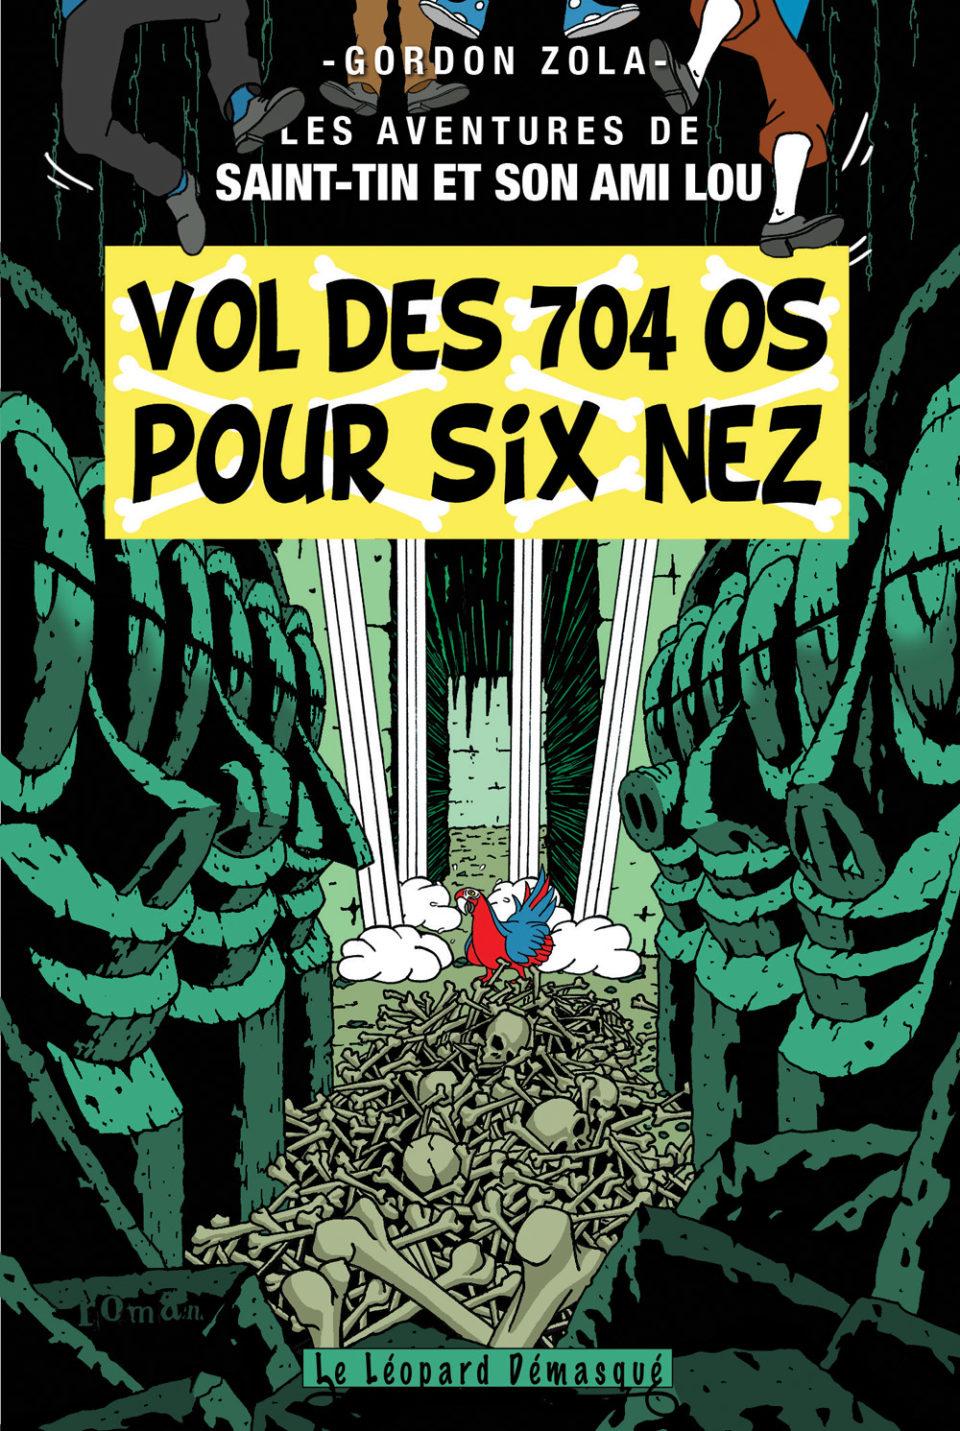 COVER-Vol704-V01